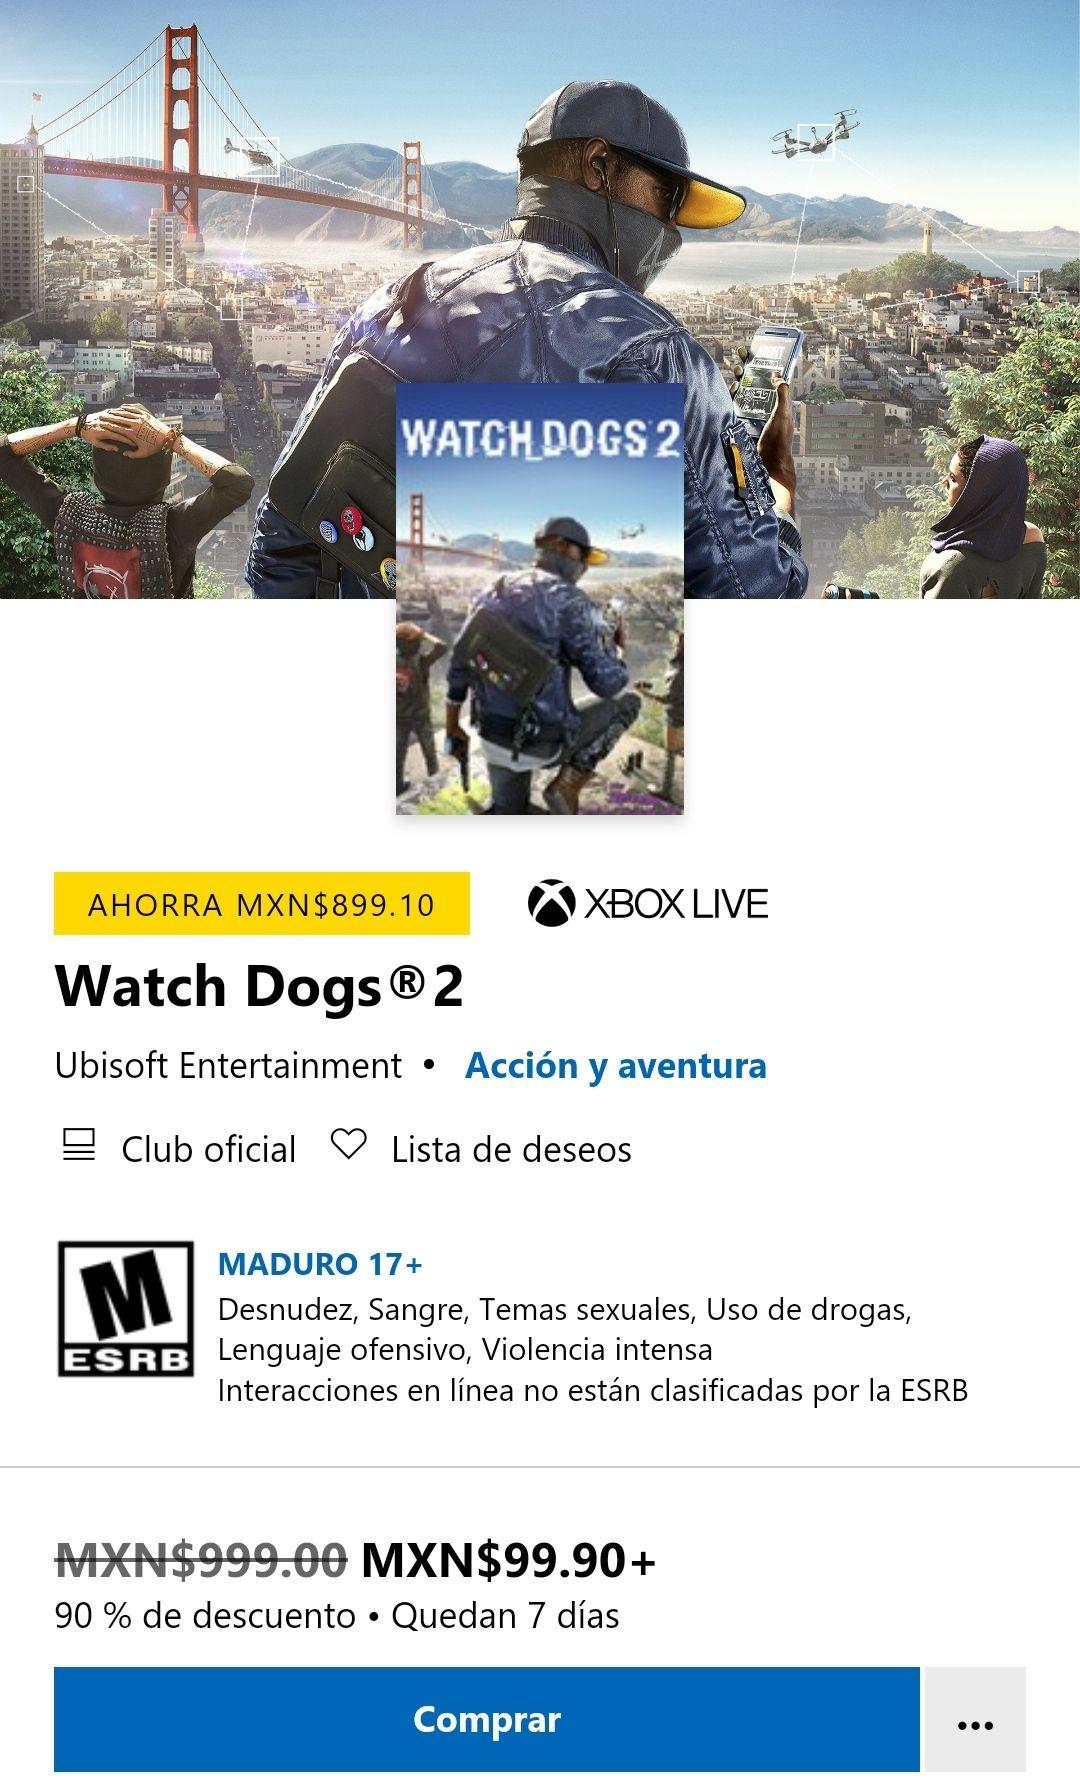 Microsoft store: Watch Dogs 2